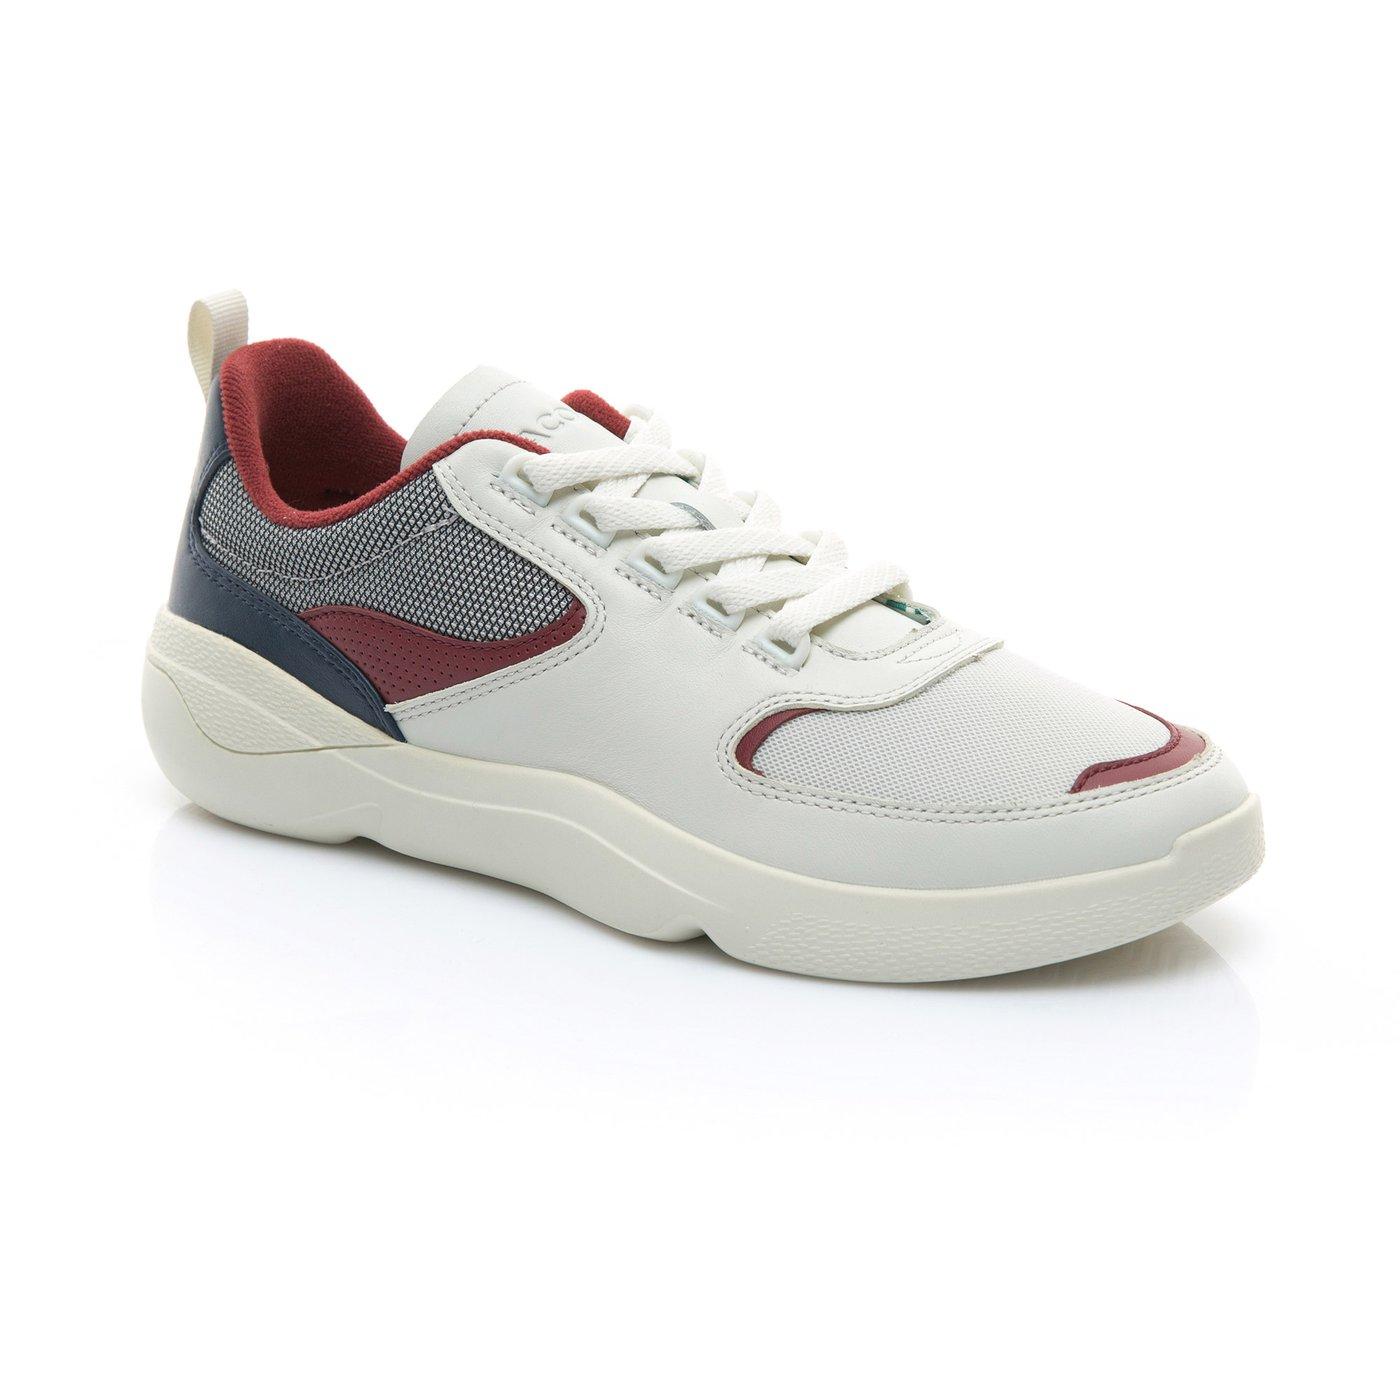 Lacoste Erkek Bej - Koyu Kirmizi Wildcard 119 1 Spor Ayakkabı